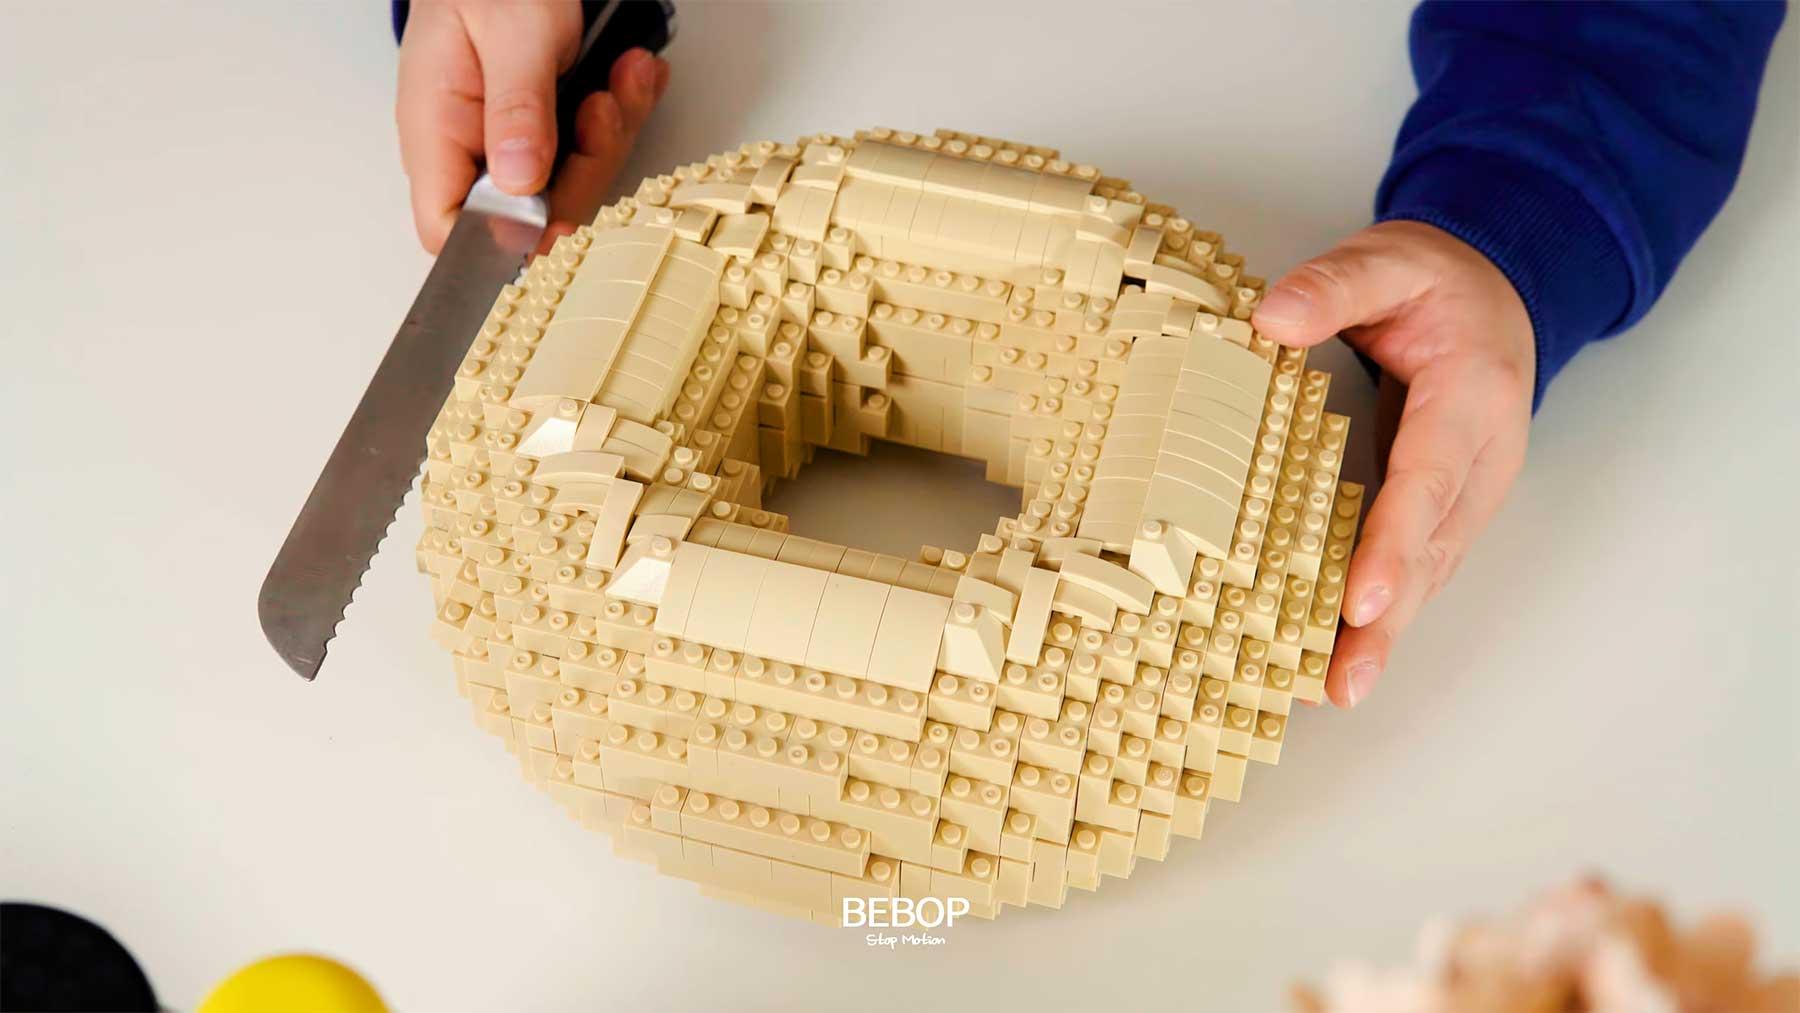 Stopmotion: Gigantischer LEGO-Bagel von Bebop